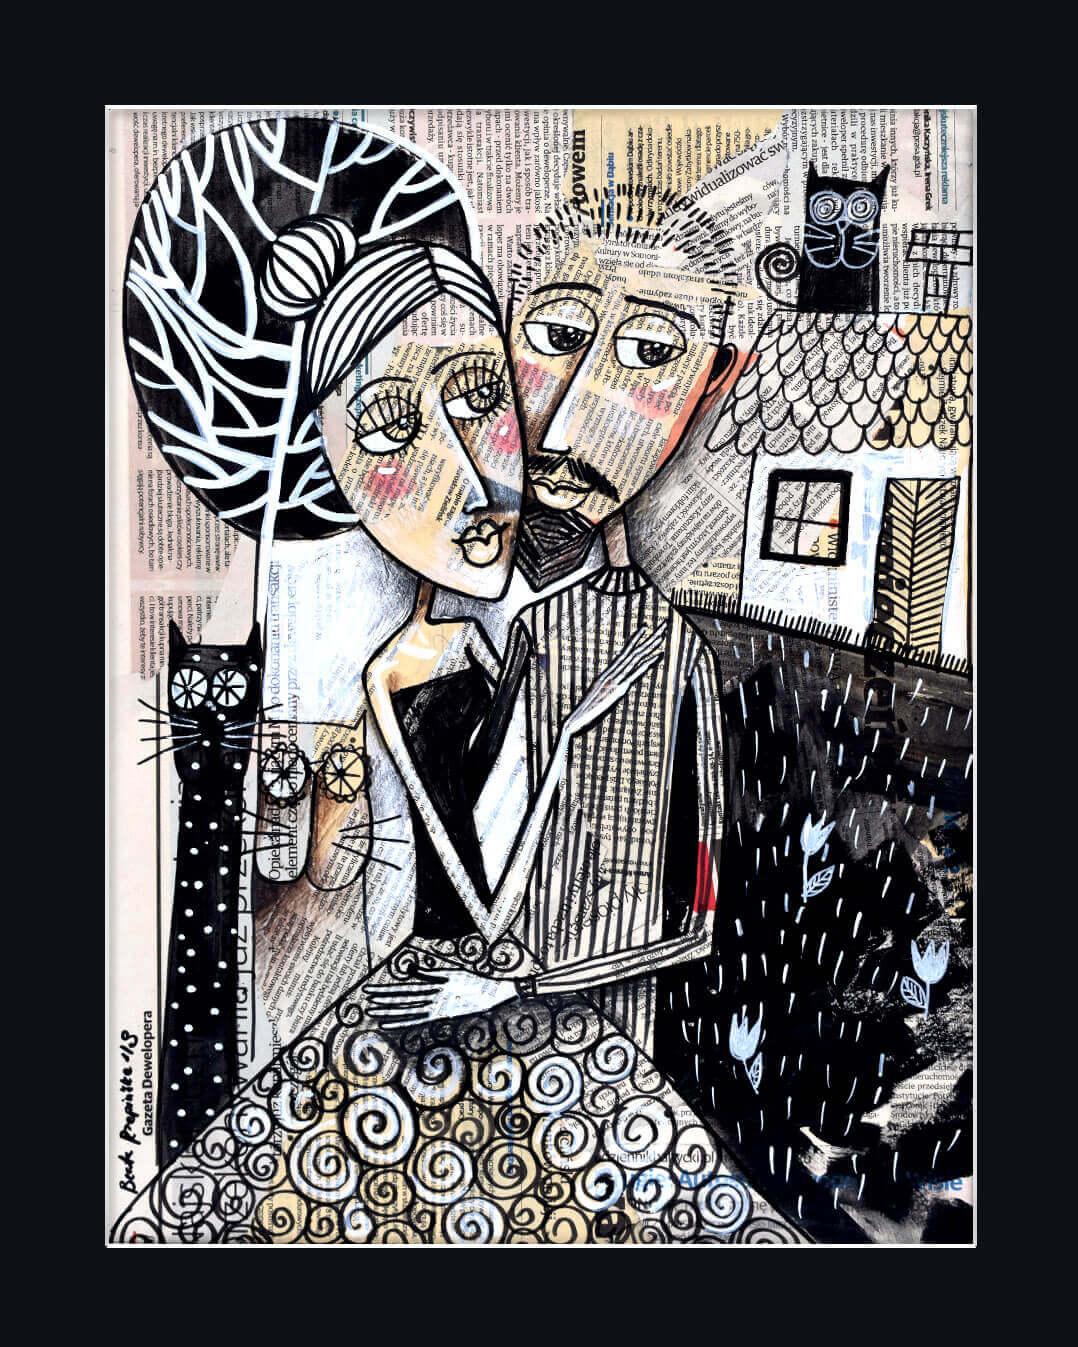 Black&white lovers